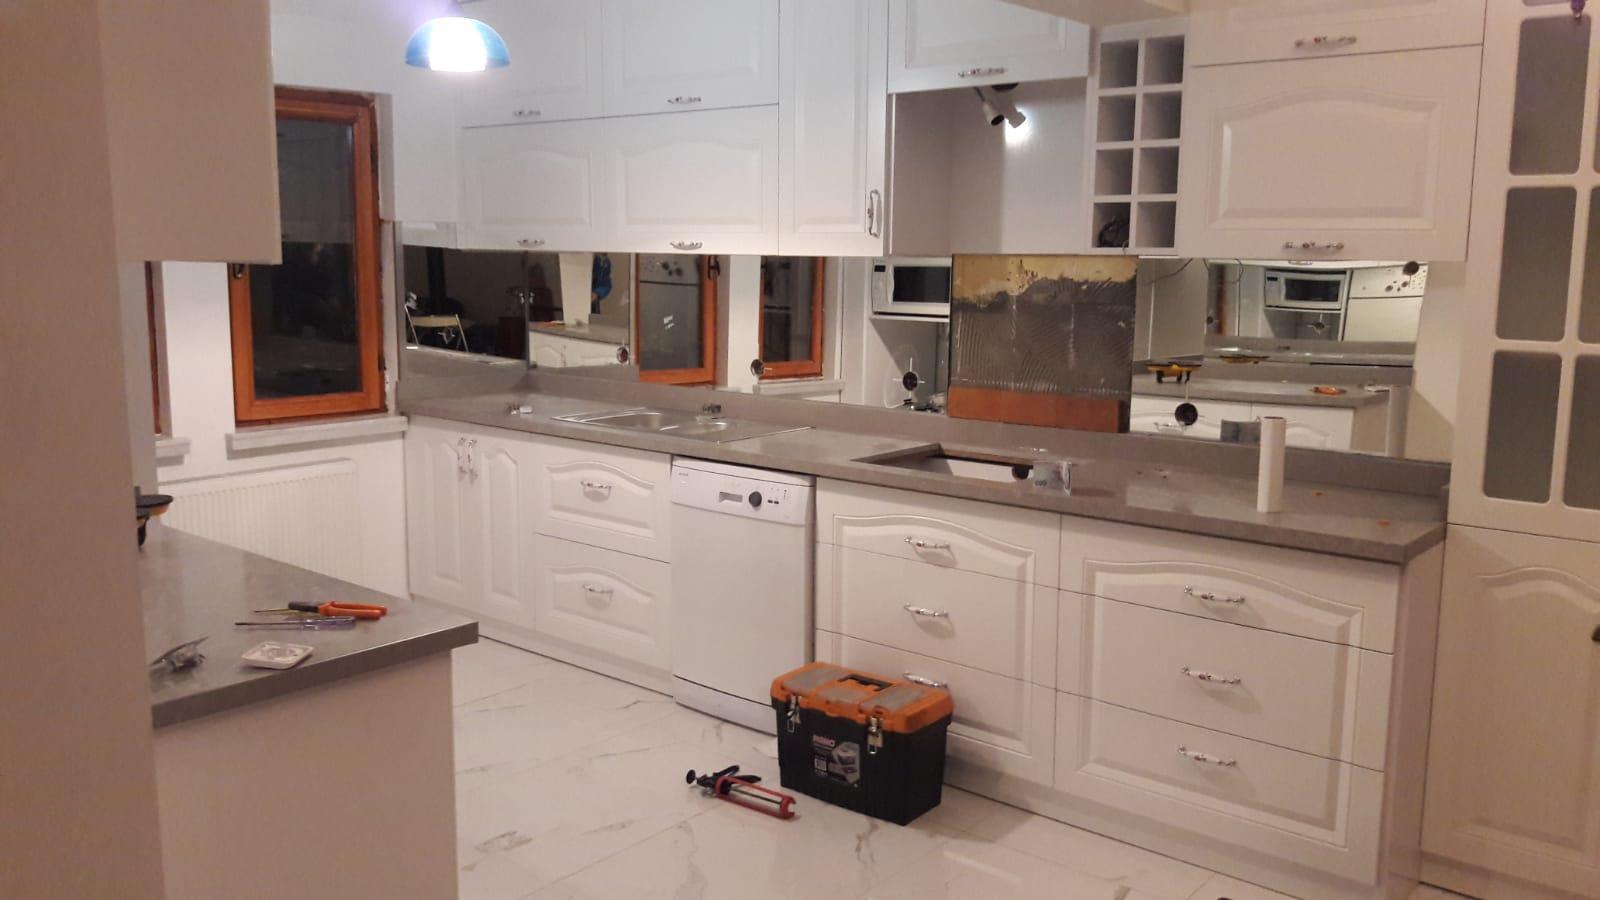 Efor Cam & Ayna - Mutfak Tezgah Arası Cam İşlerimiz